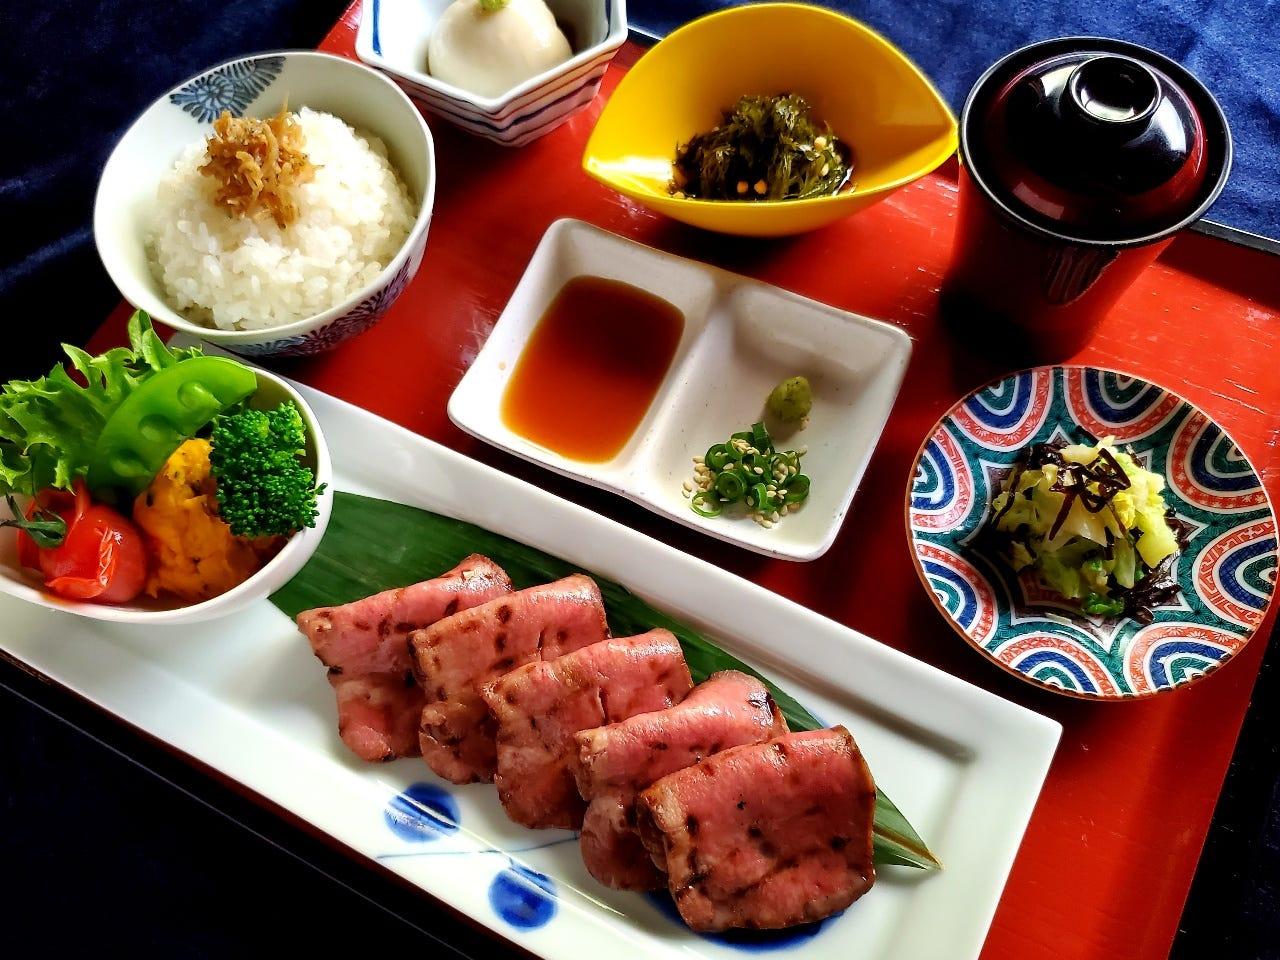 ゆかわの肉料理をお得に堪能できるランチを御愉しみ下さい。